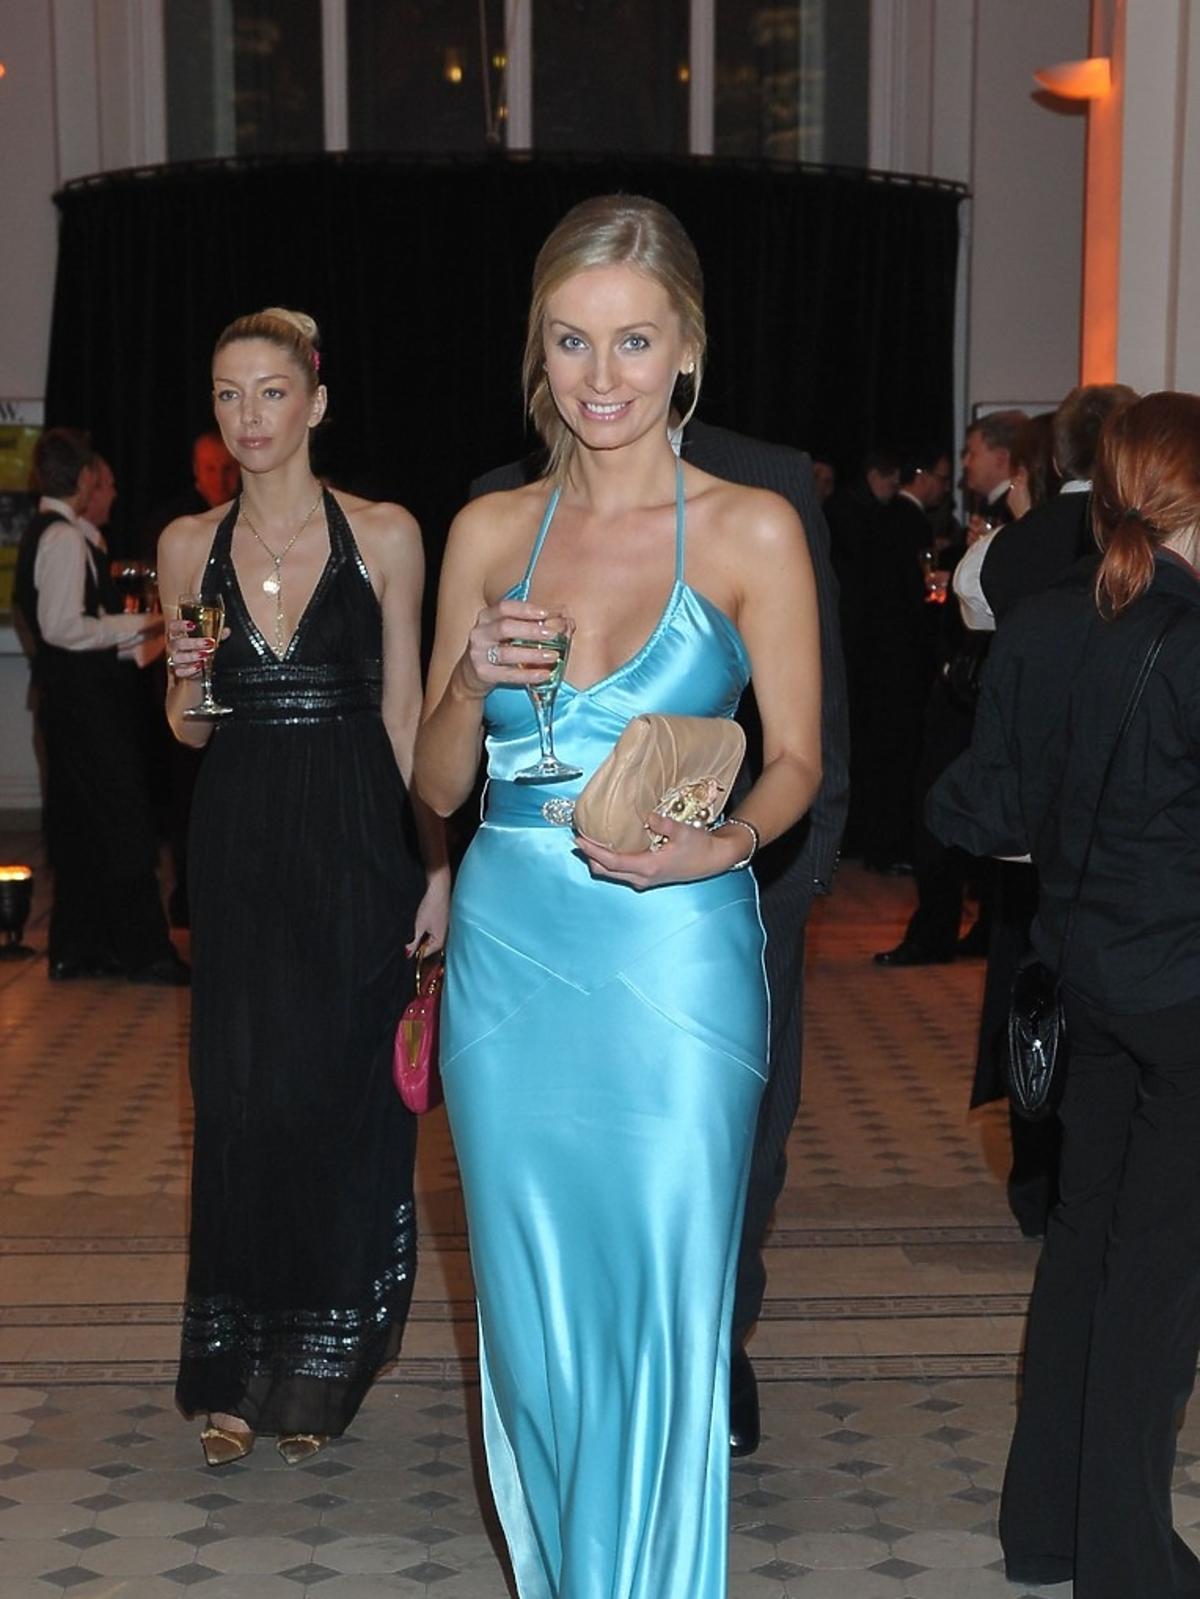 Agnieszka Szulim w błękitnej, długiej sukience z lamką białego wina w Auli Politechniki Warszawskiej na XI Charytatywnym Balu Dziennikarzy